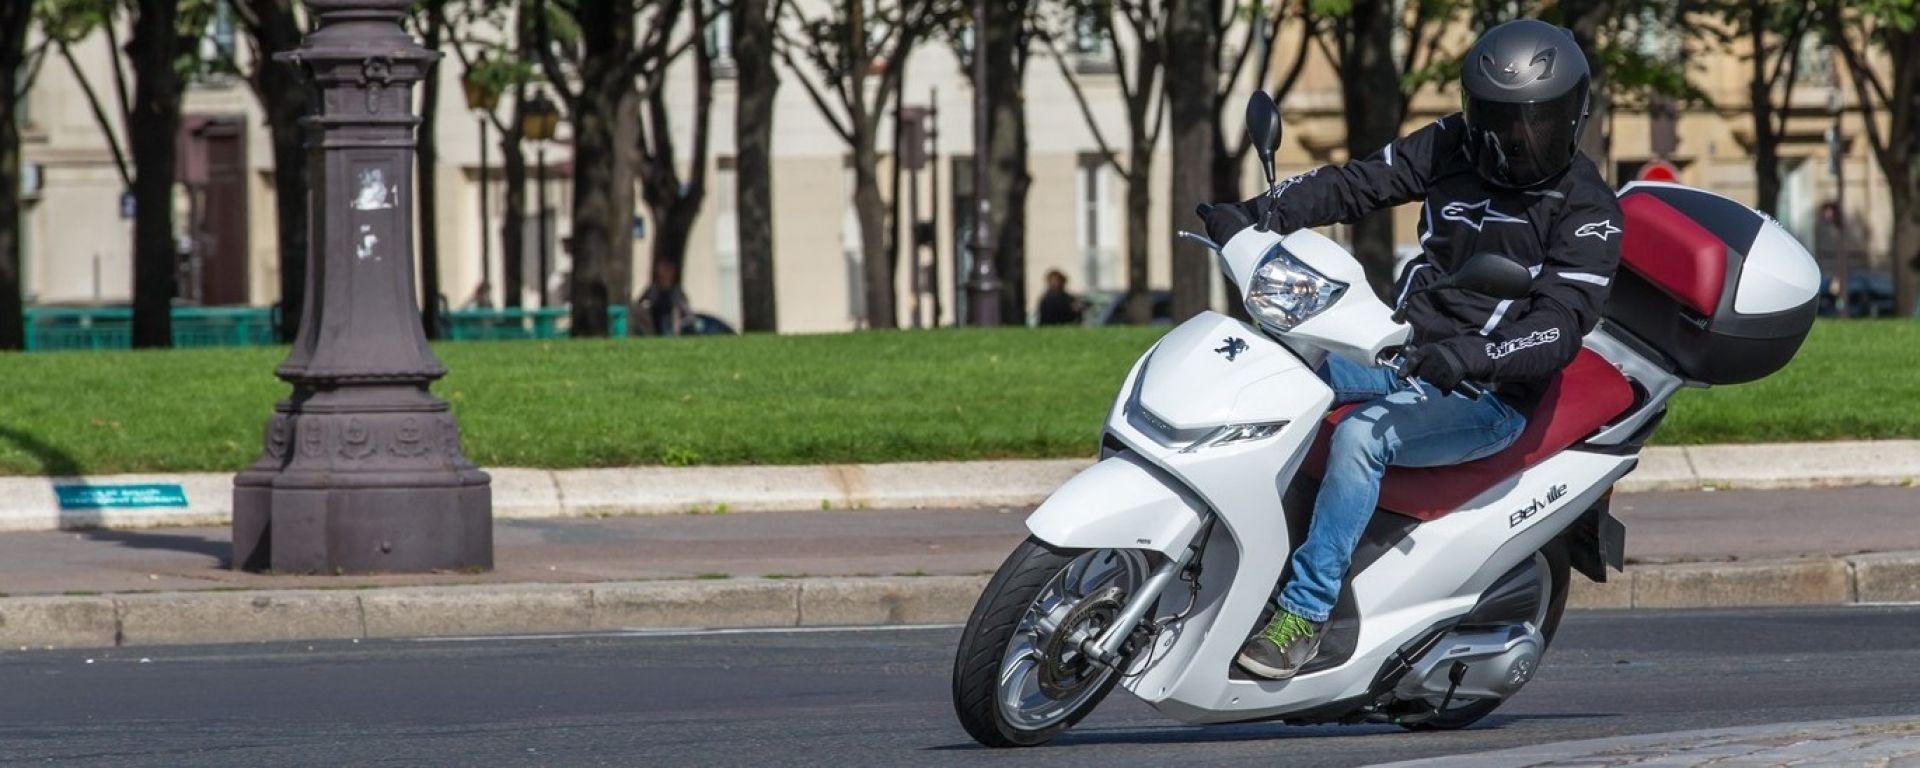 Nuovo Peugeot Belville: il ruota alta francese premium